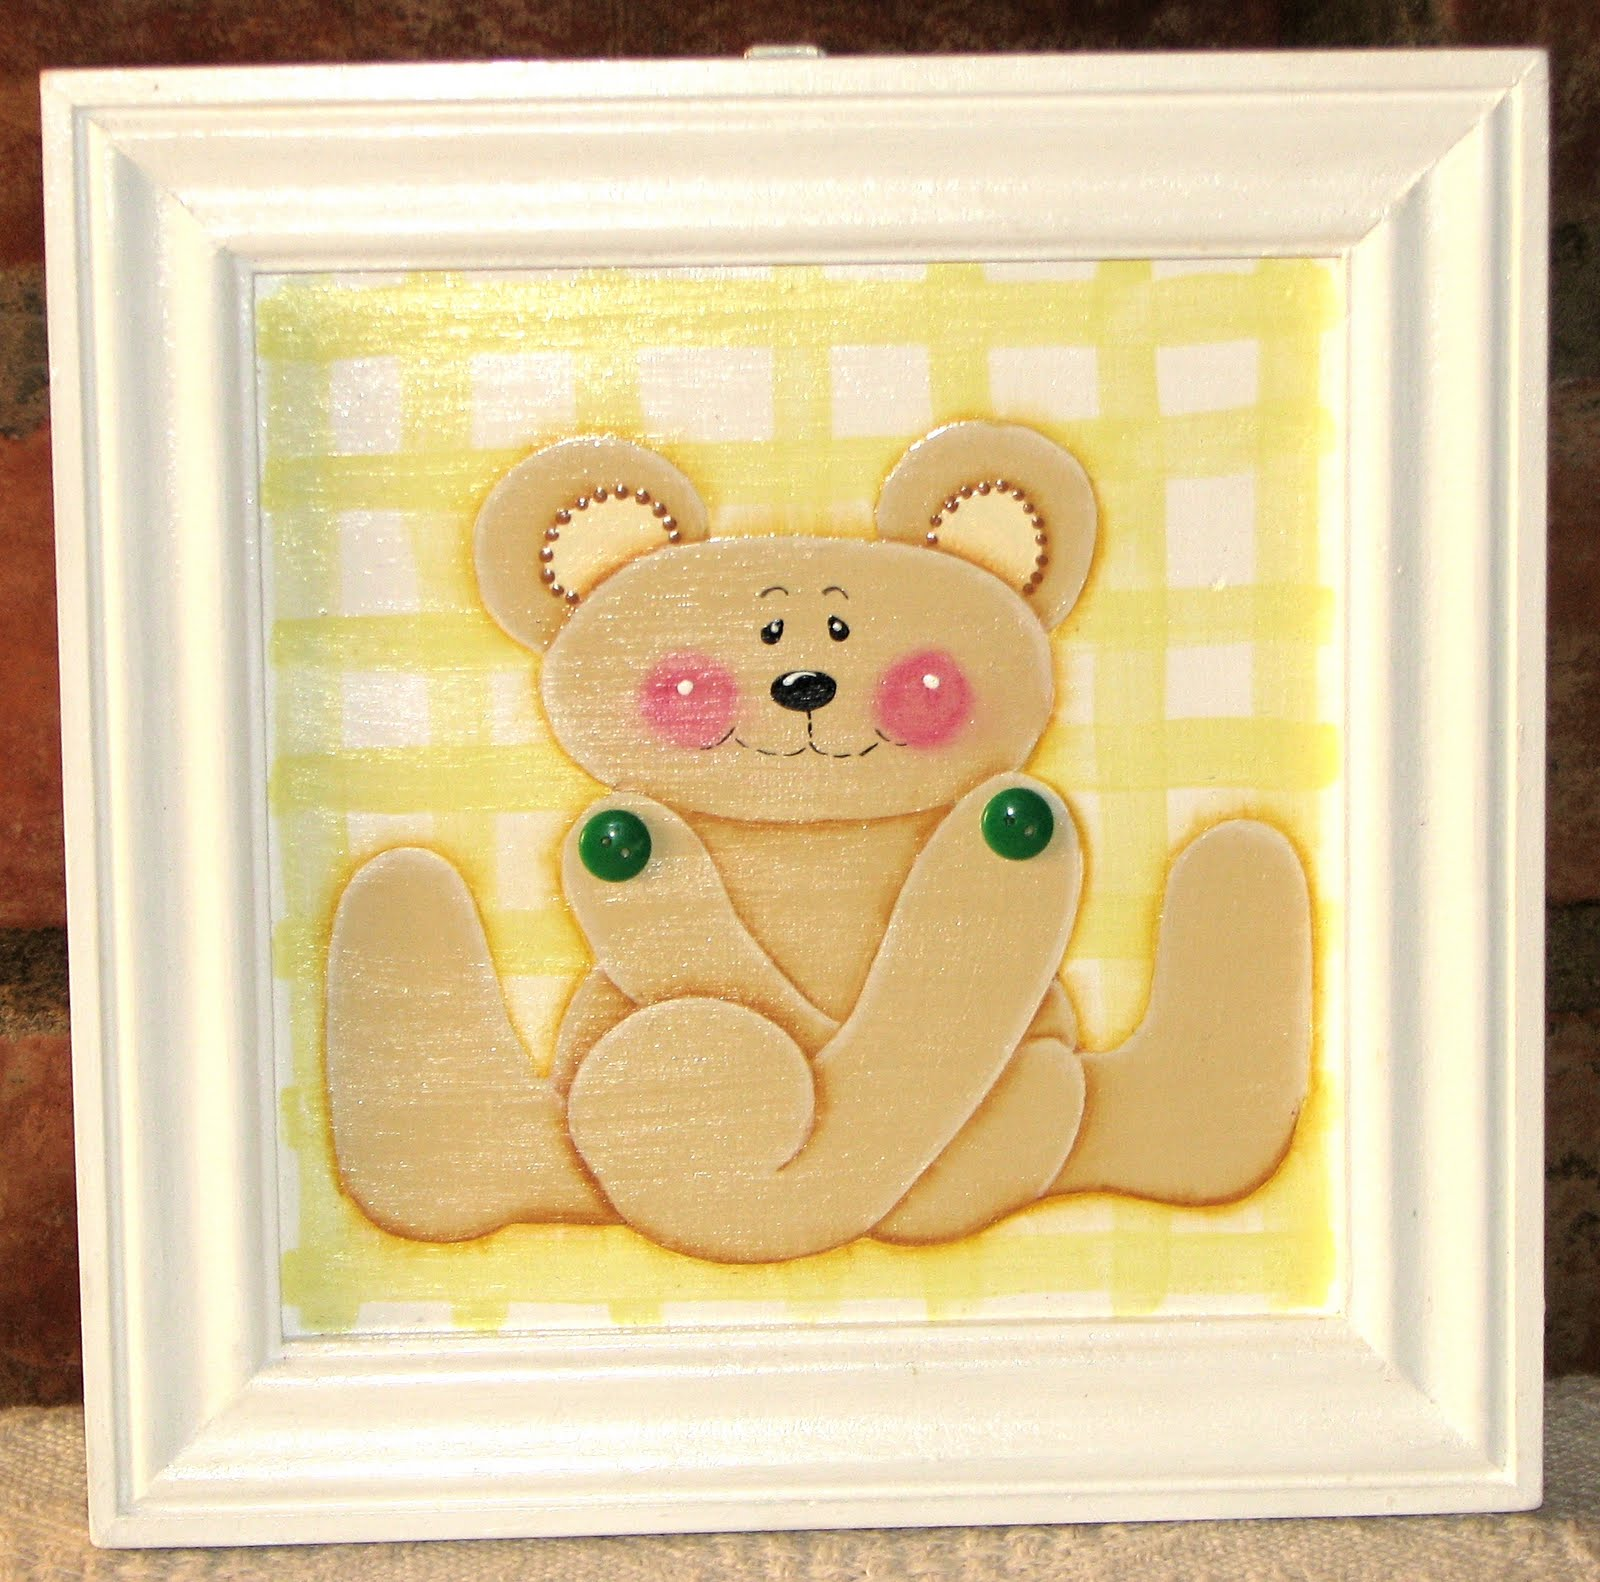 Pinturas de gladys cuadros para dormitorio de bebes - Cuadros para habitacion de bebe ...